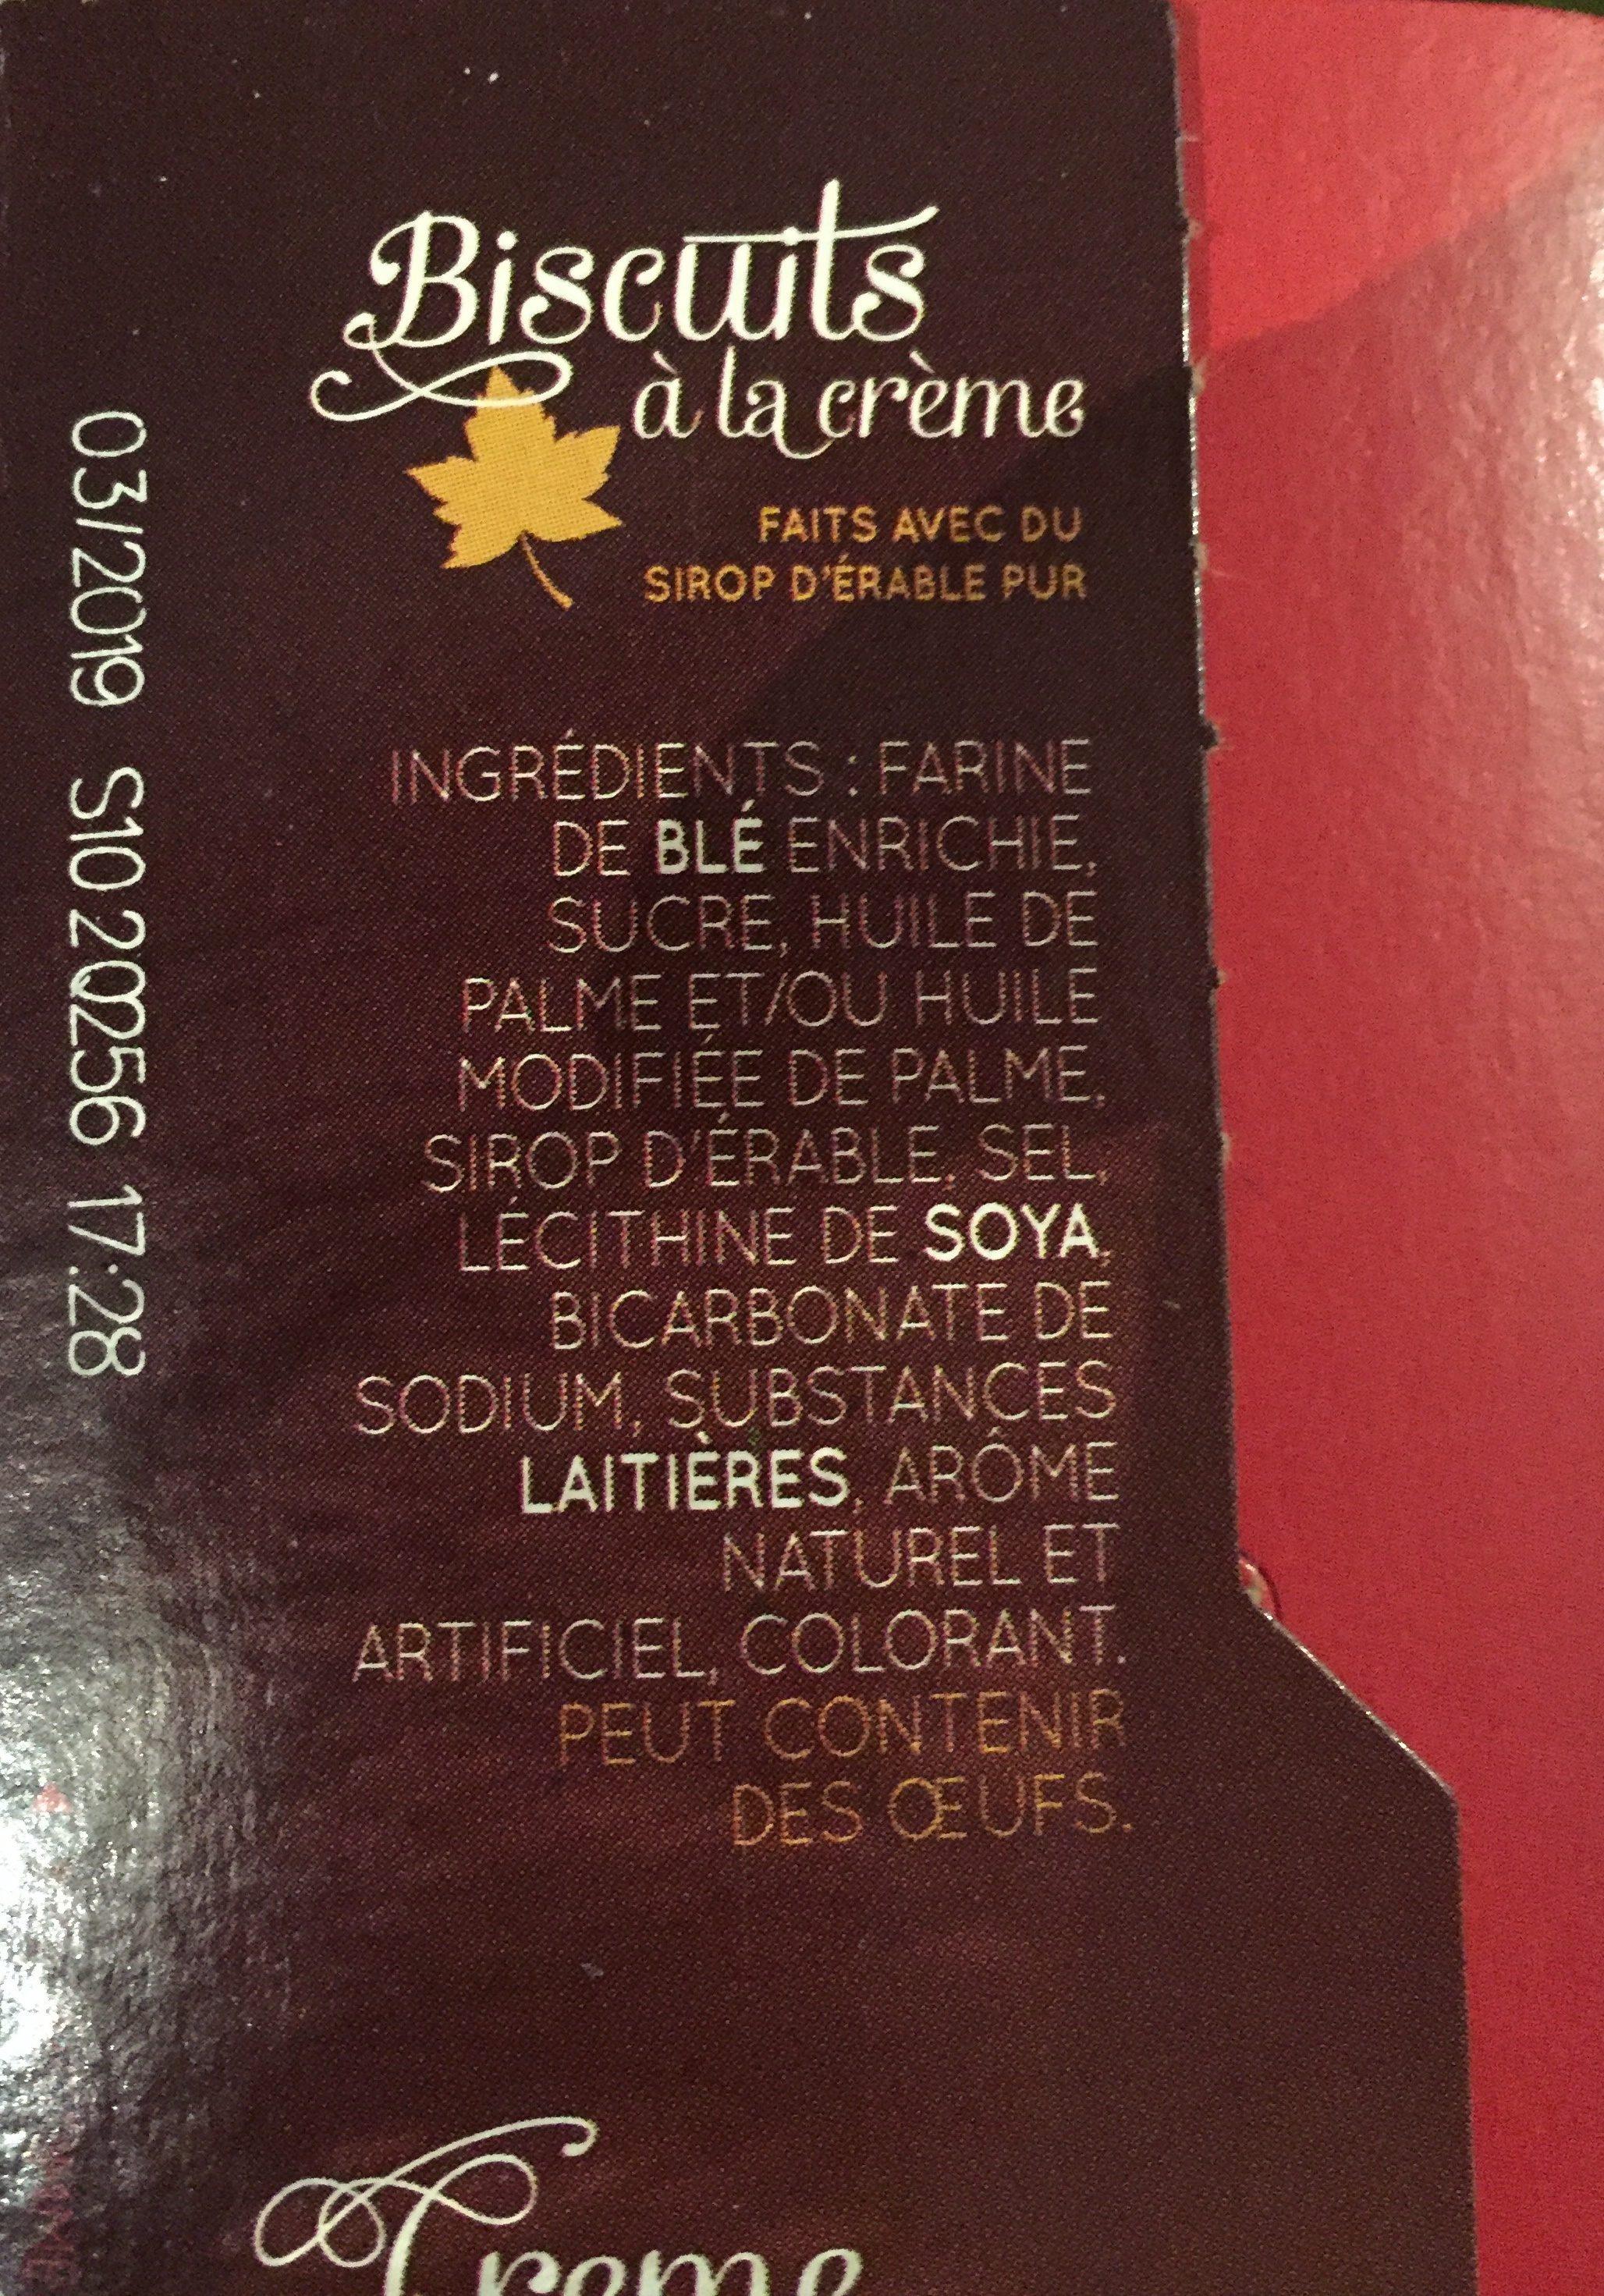 Feuille d'érable, biscuits à la crème - Ingrediënten - fr